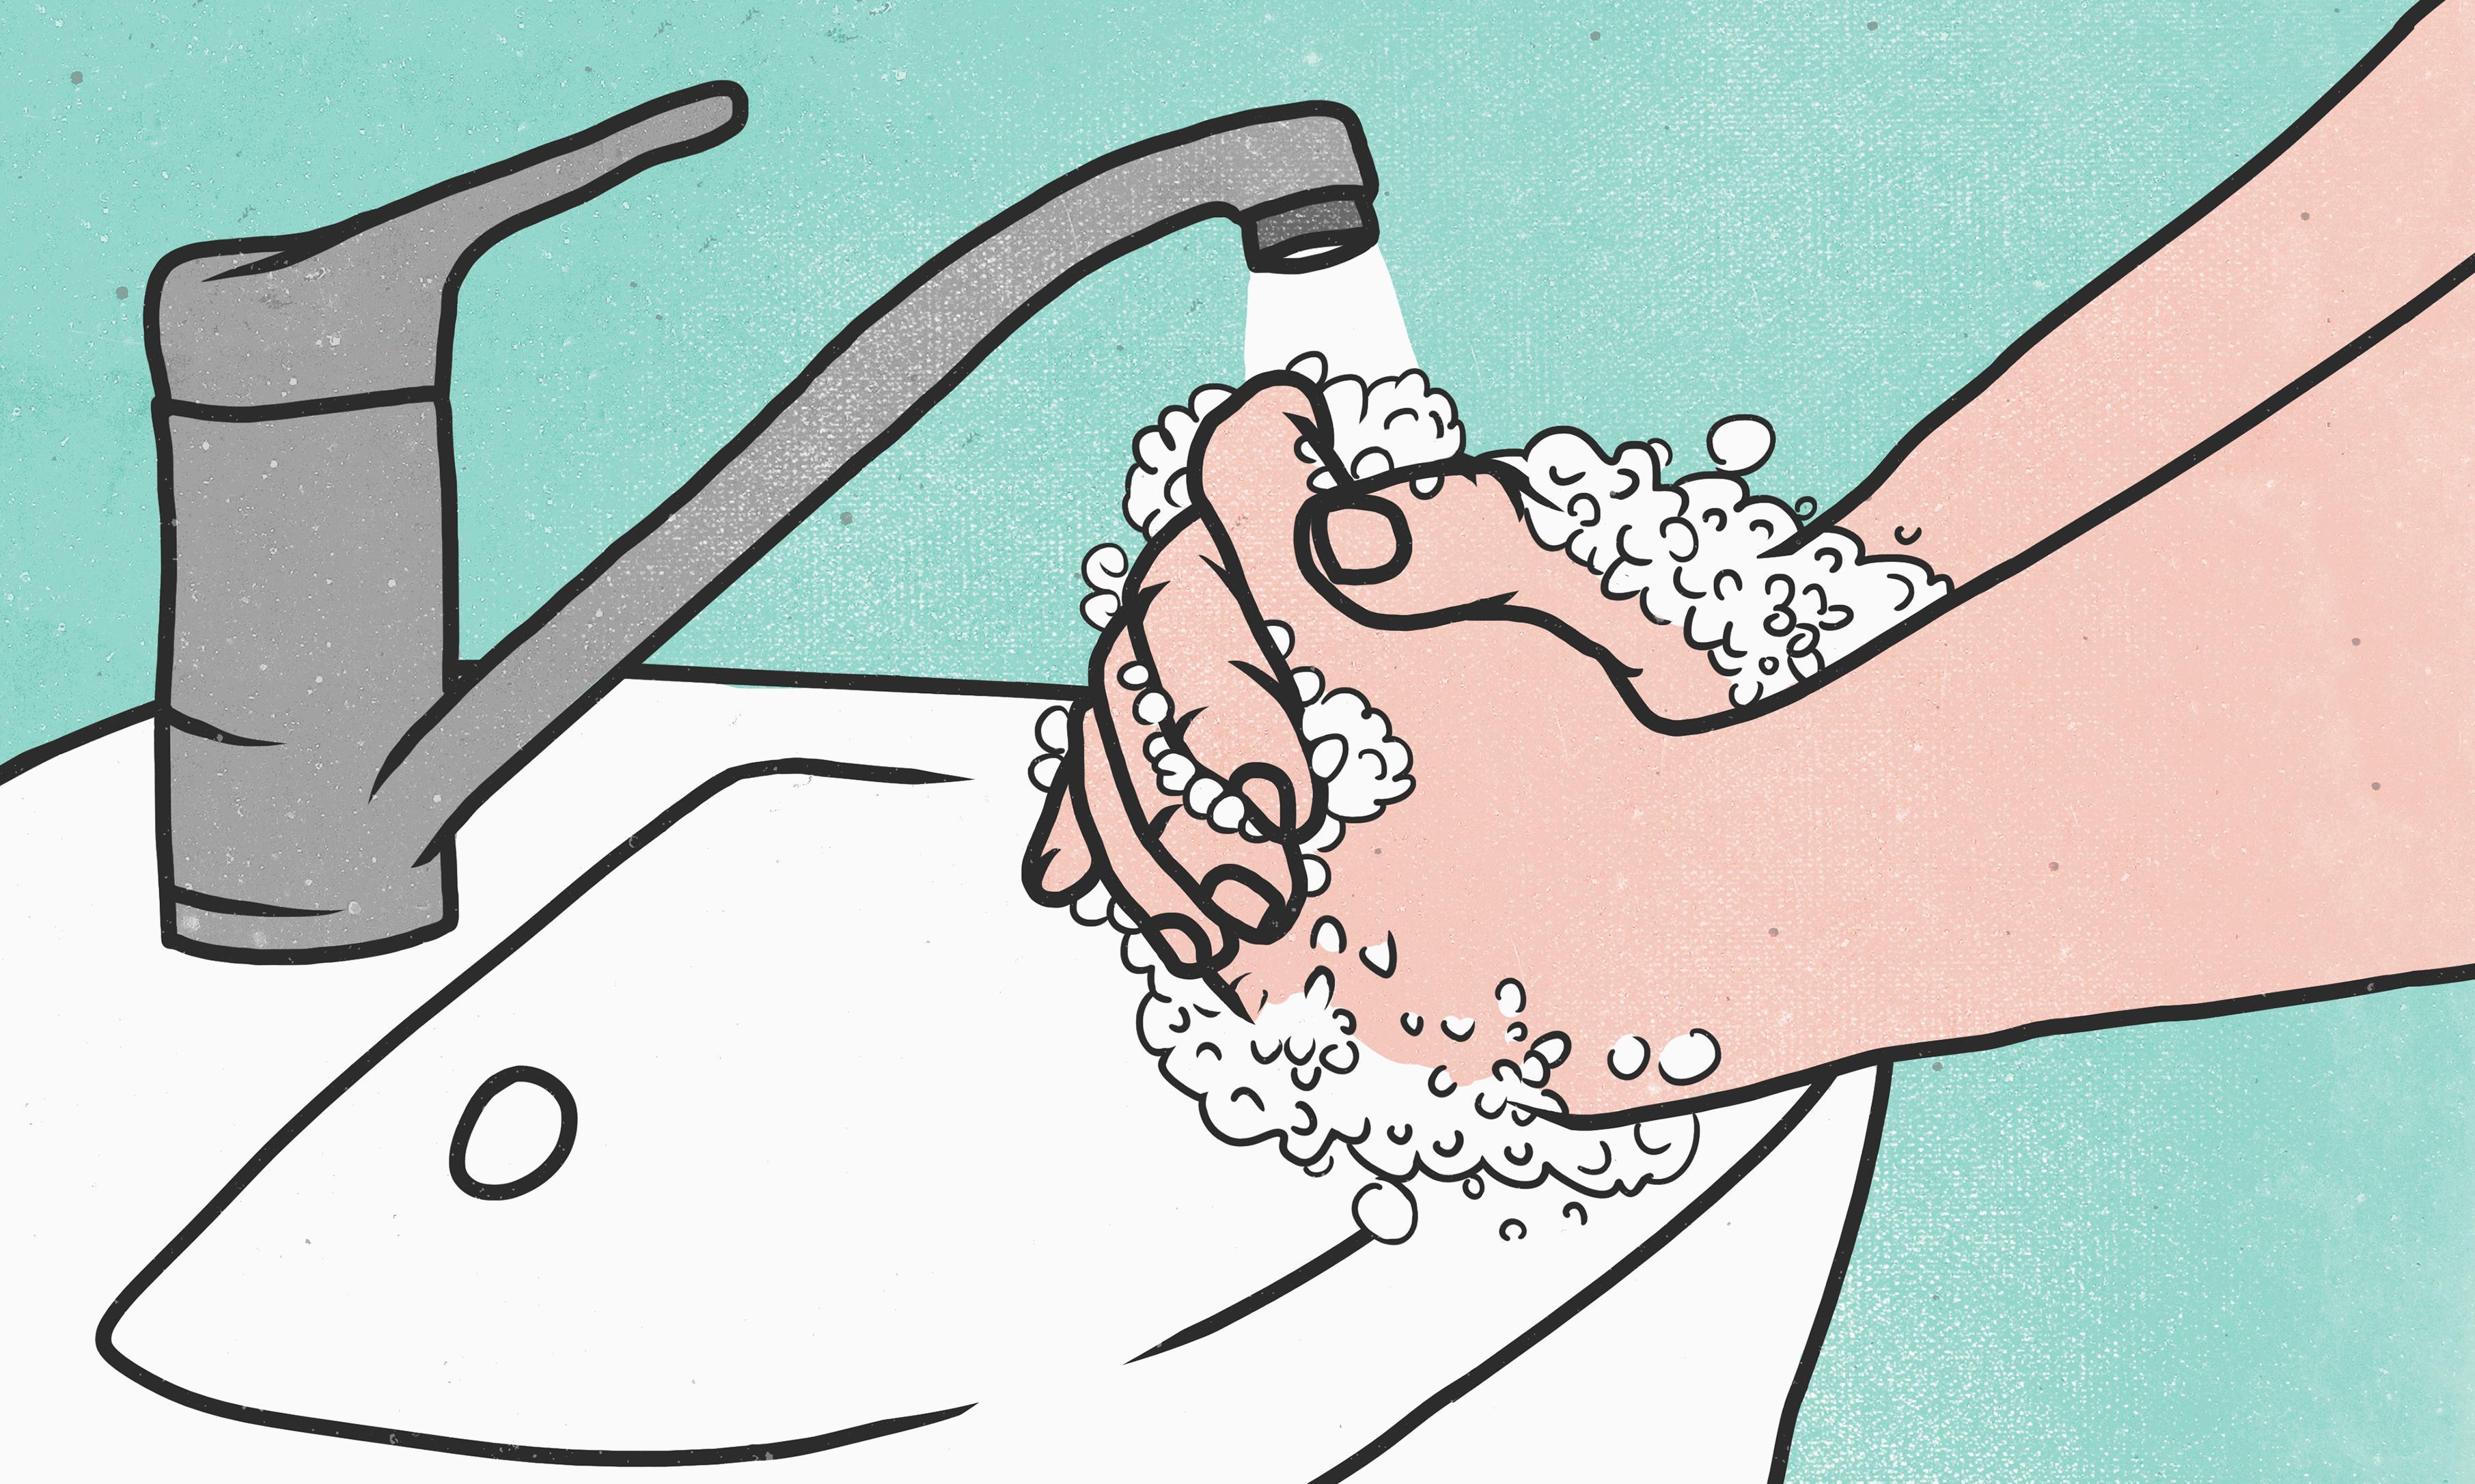 Bathroom hygiene: how to ensure you never spread E coli